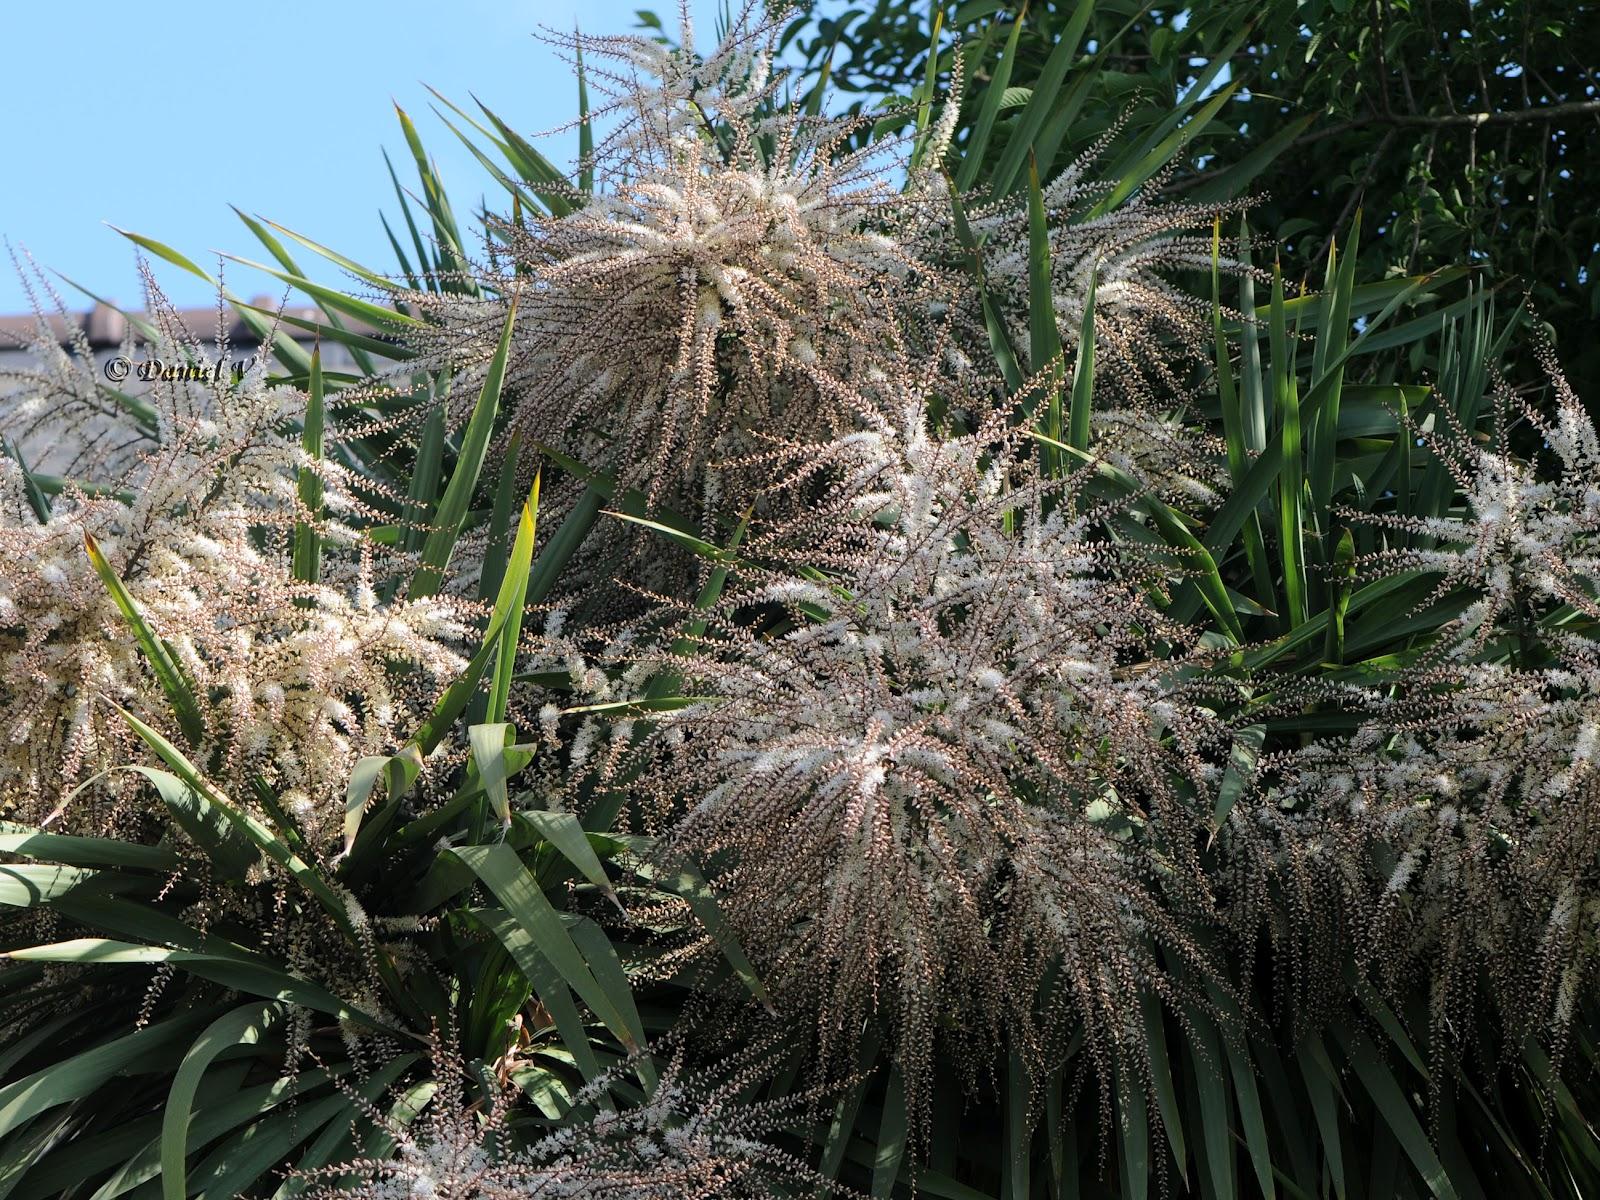 Les verdier du 44 cordyline indivisa se m fier de - Cordyline feuilles qui jaunissent ...